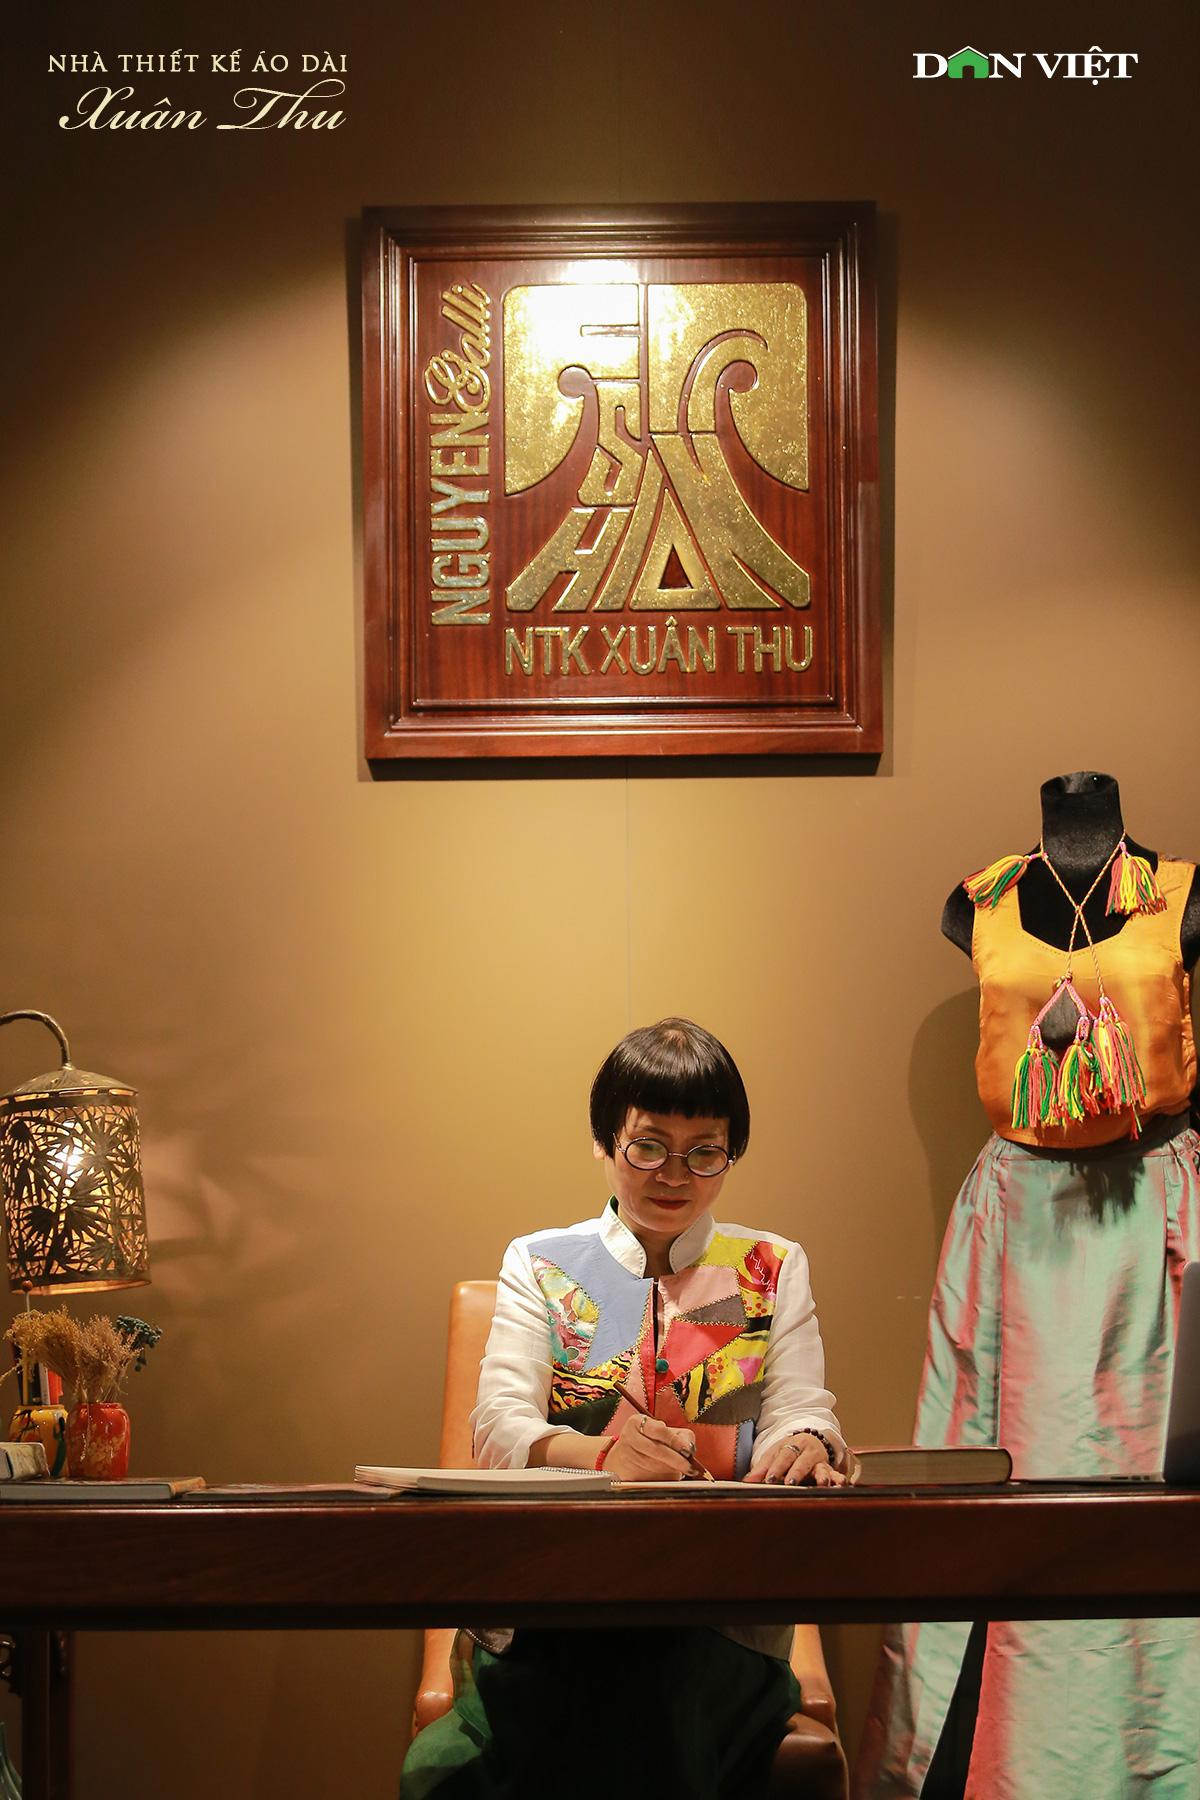 """NTK áo dài Xuân Thu: """"Tôi không có sản phẩm thời trang nào nhạt nhẽo"""" - Ảnh 2."""